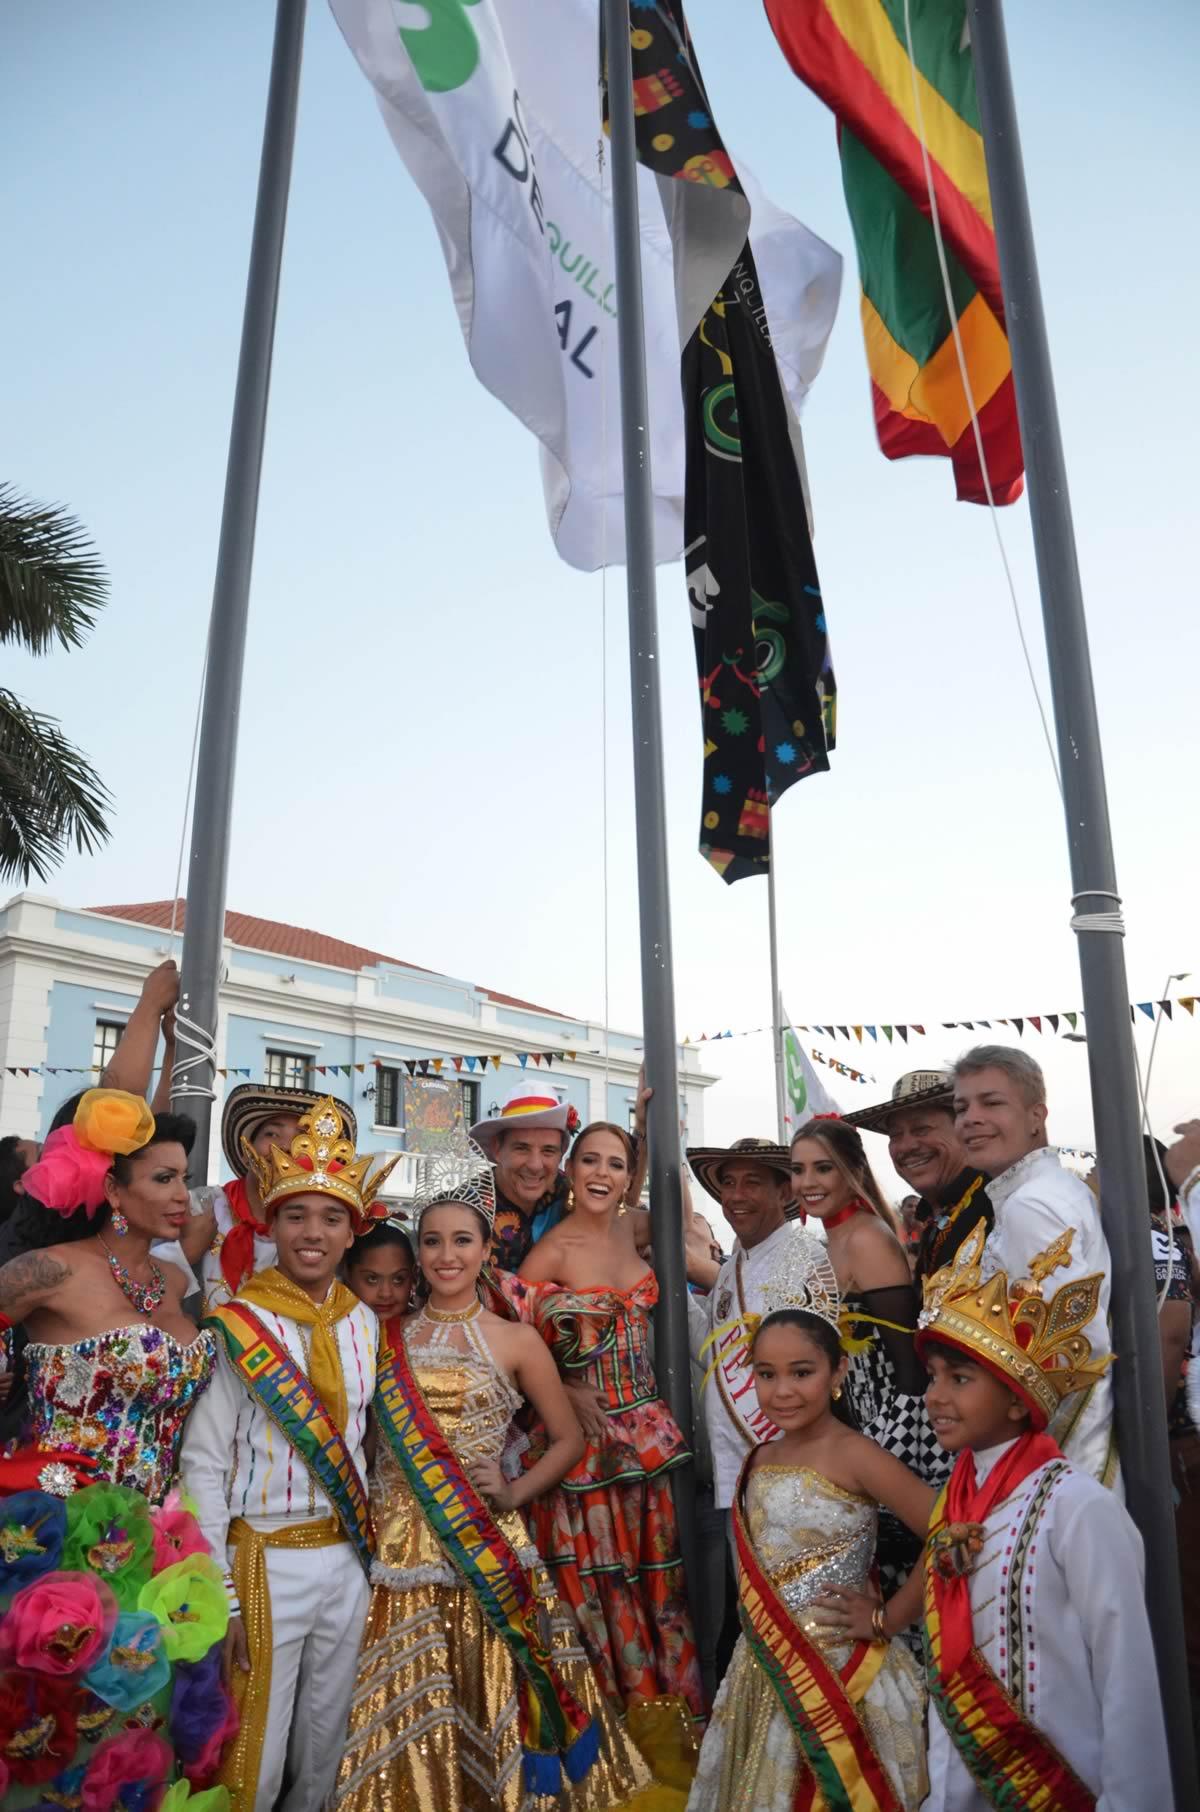 Izada de bandera del Carnaval 2017, una fiesta para todos